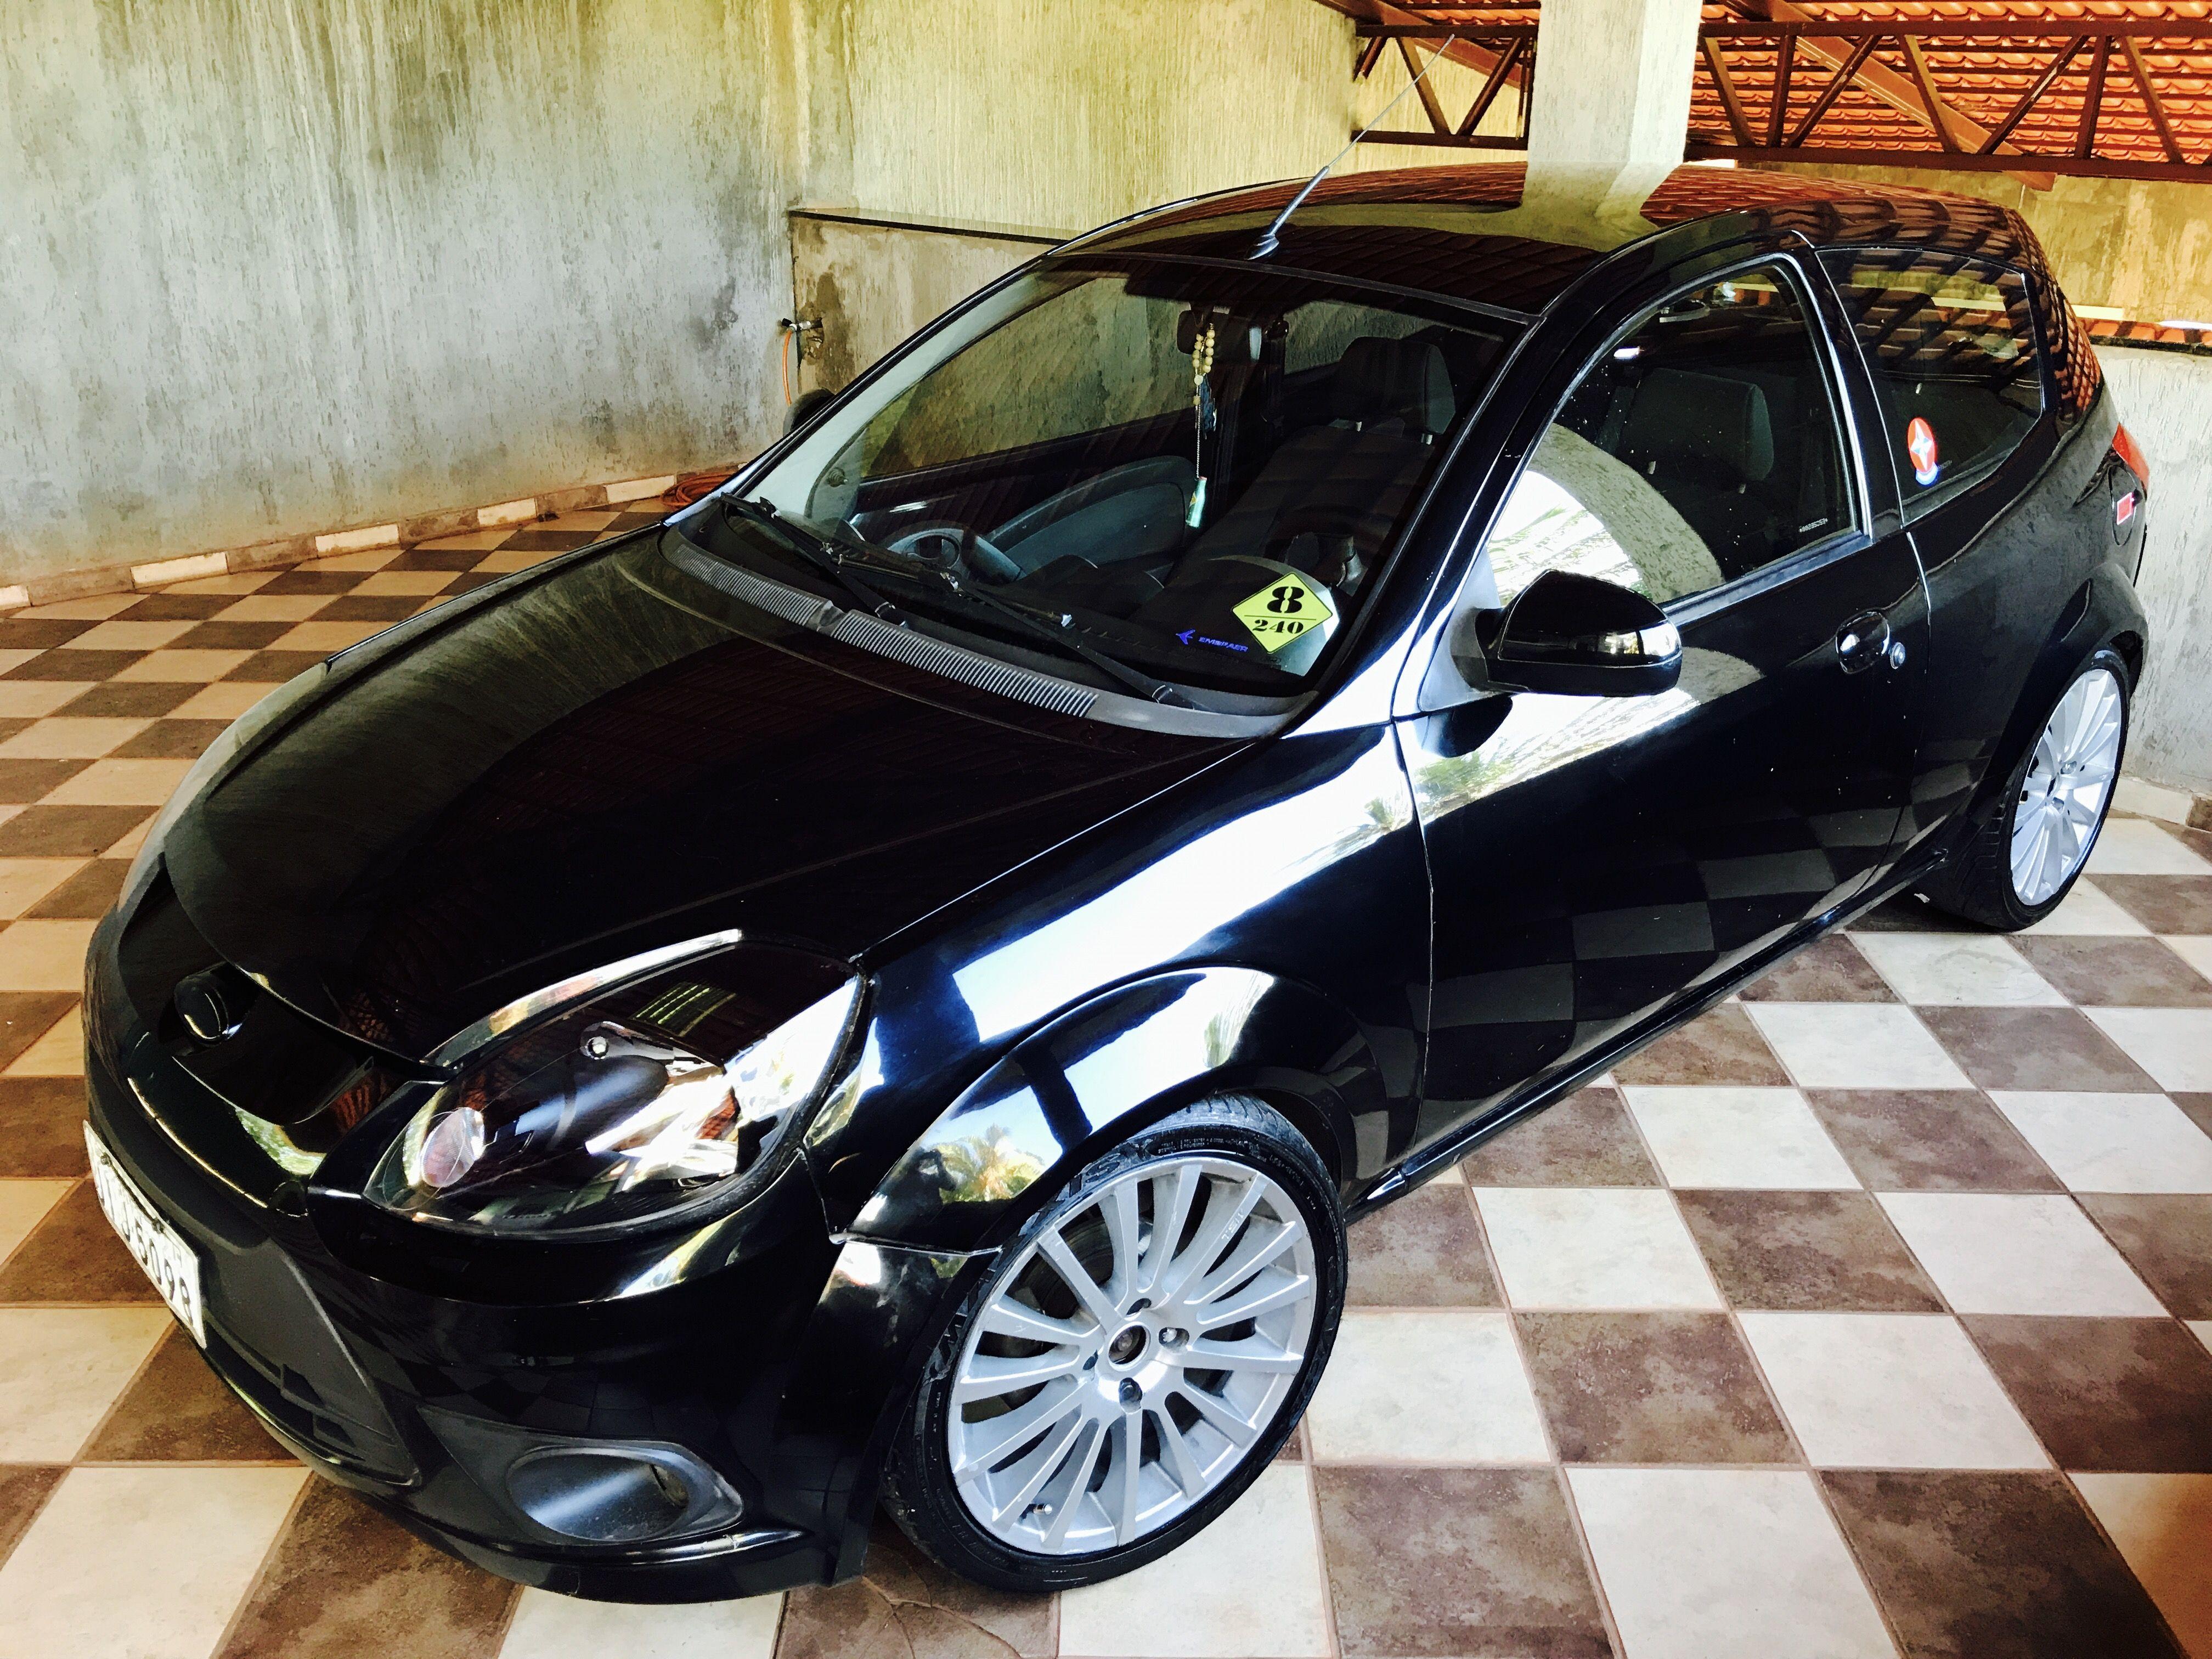 Ford Ka Aro 17 Tsw Carros Aro 17